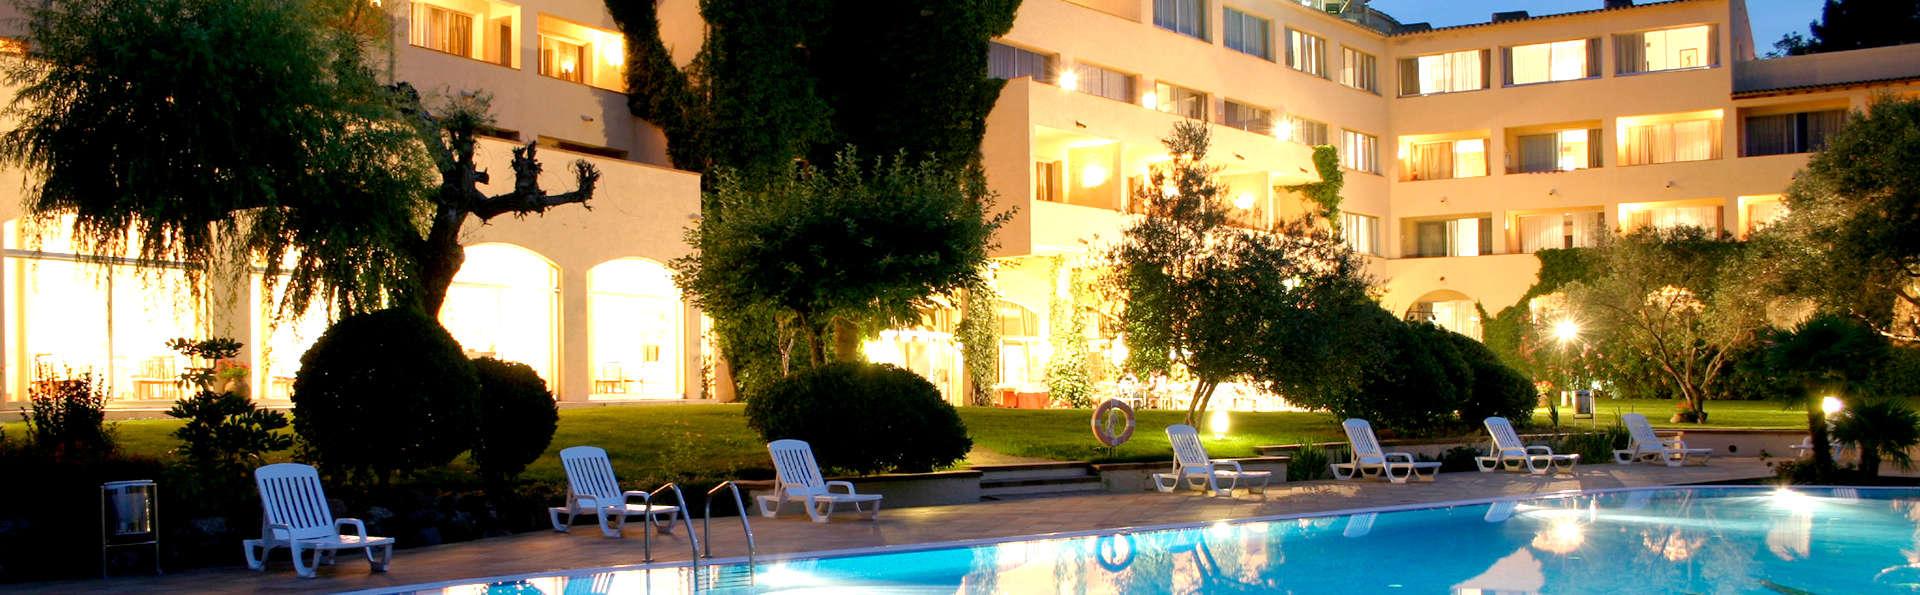 Hotel sur la Costa Brava à Santa Cristina d'Aro